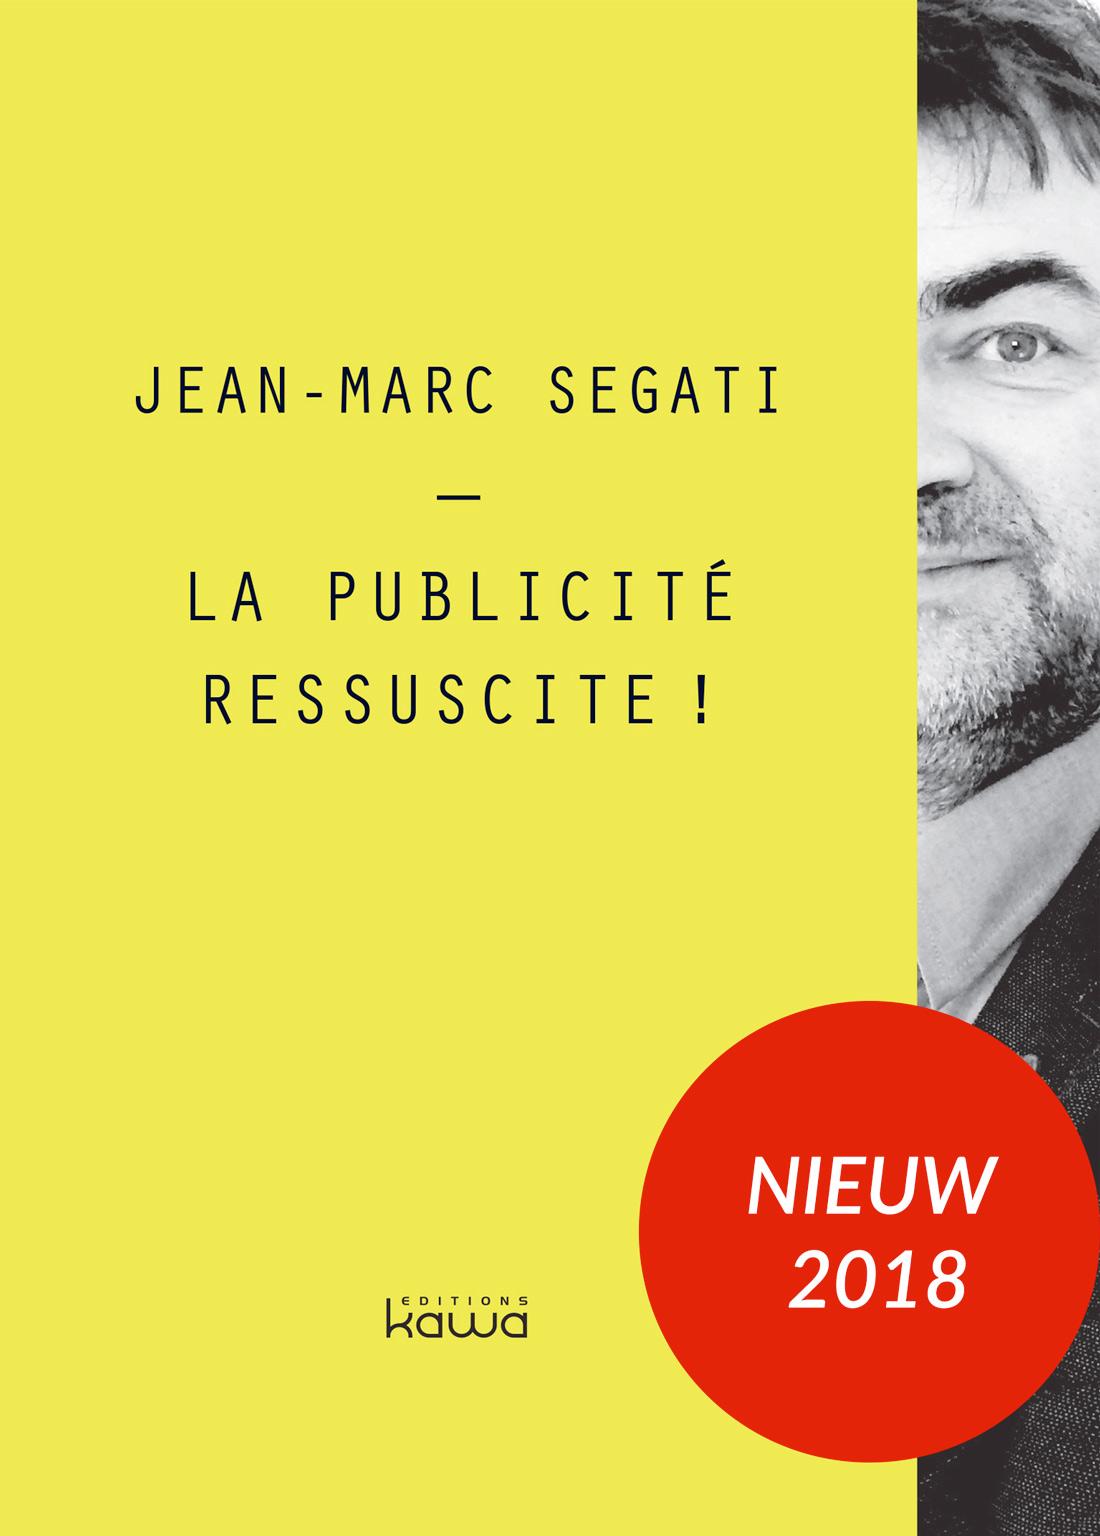 La publicité ressuscité ! livre Segati